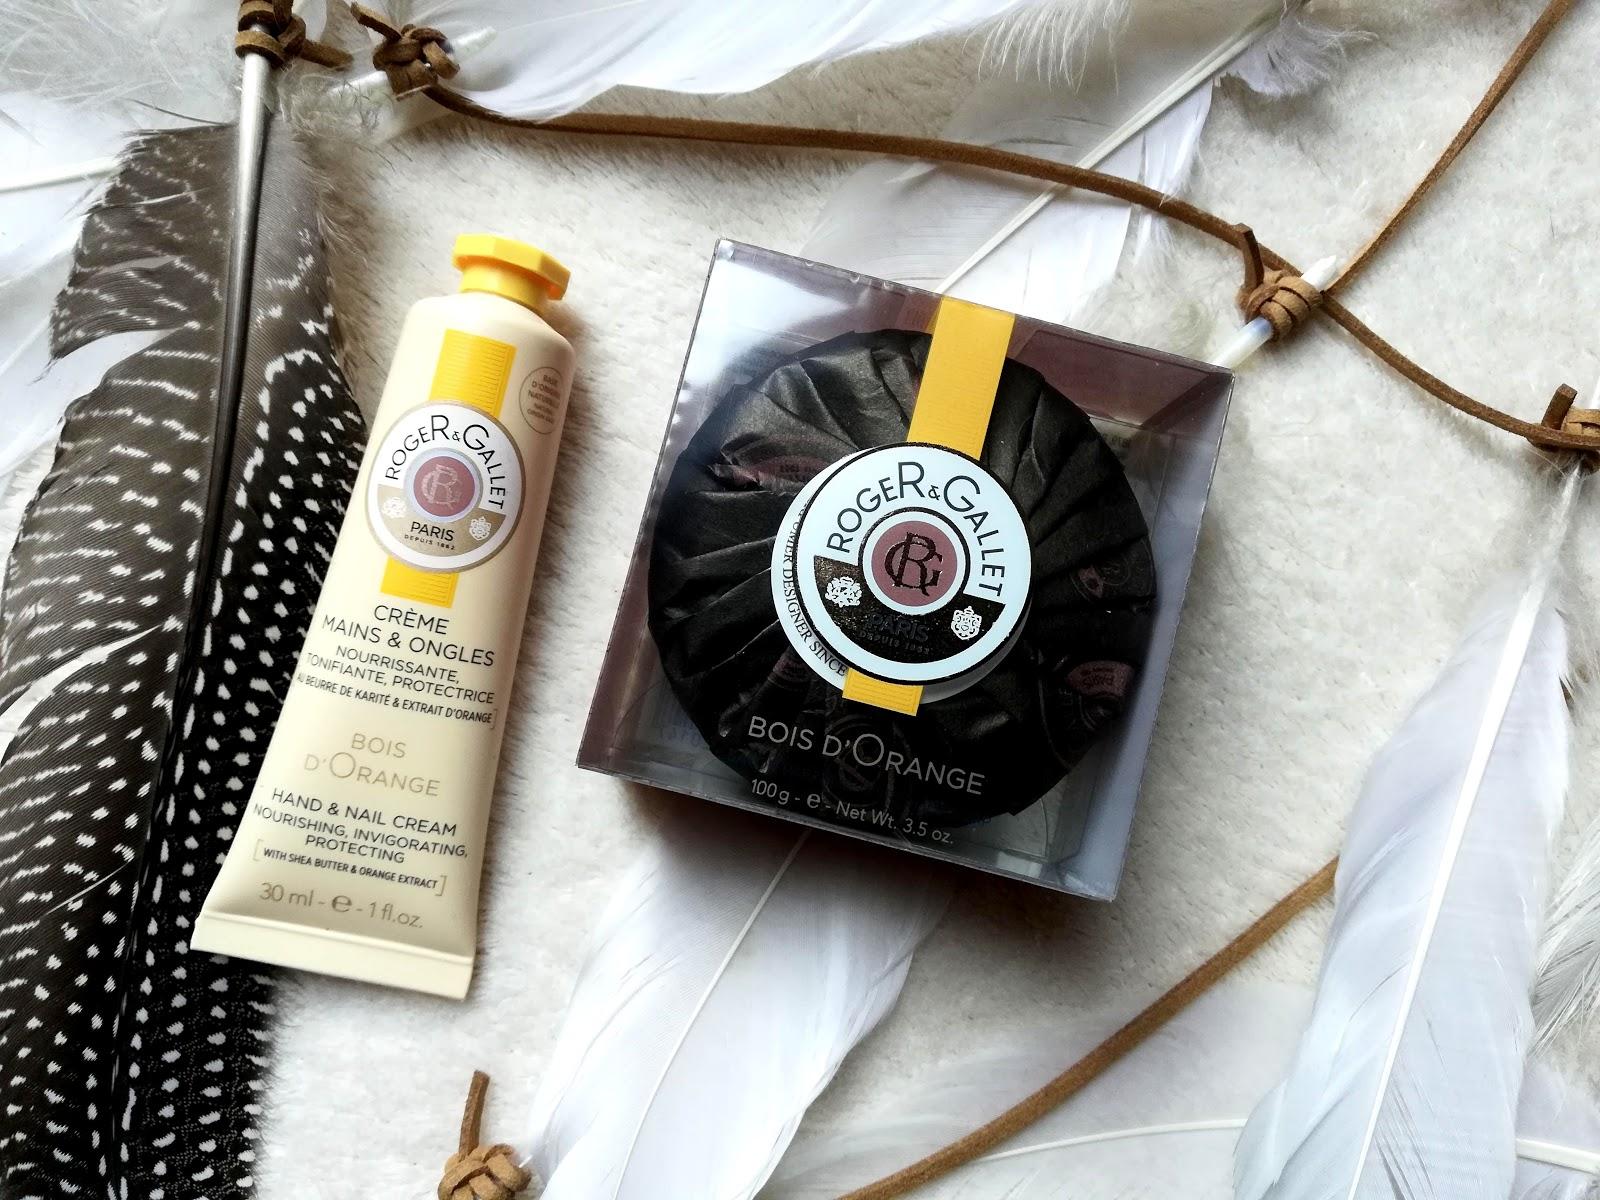 Crème mains & ongles et savon parfumé Bois d'orange ROGER & GALLET